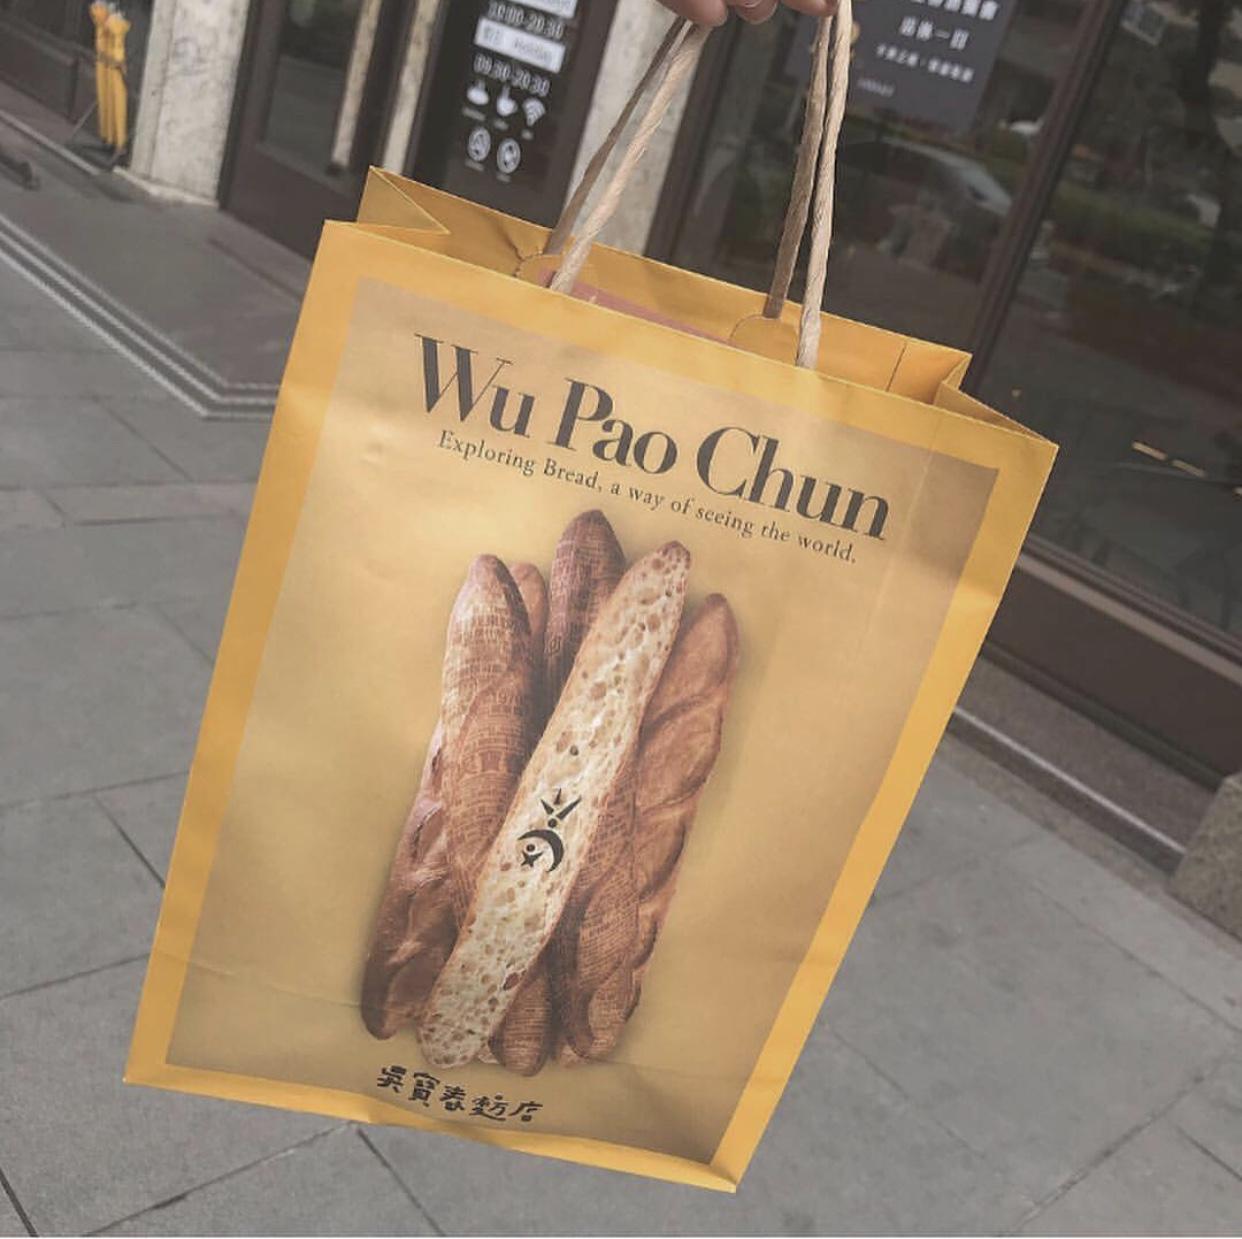 【ウーパオチュン ベーカリー】世界のグルメご紹介します!世界一に輝いたパン屋さんはここ✩*॰_8